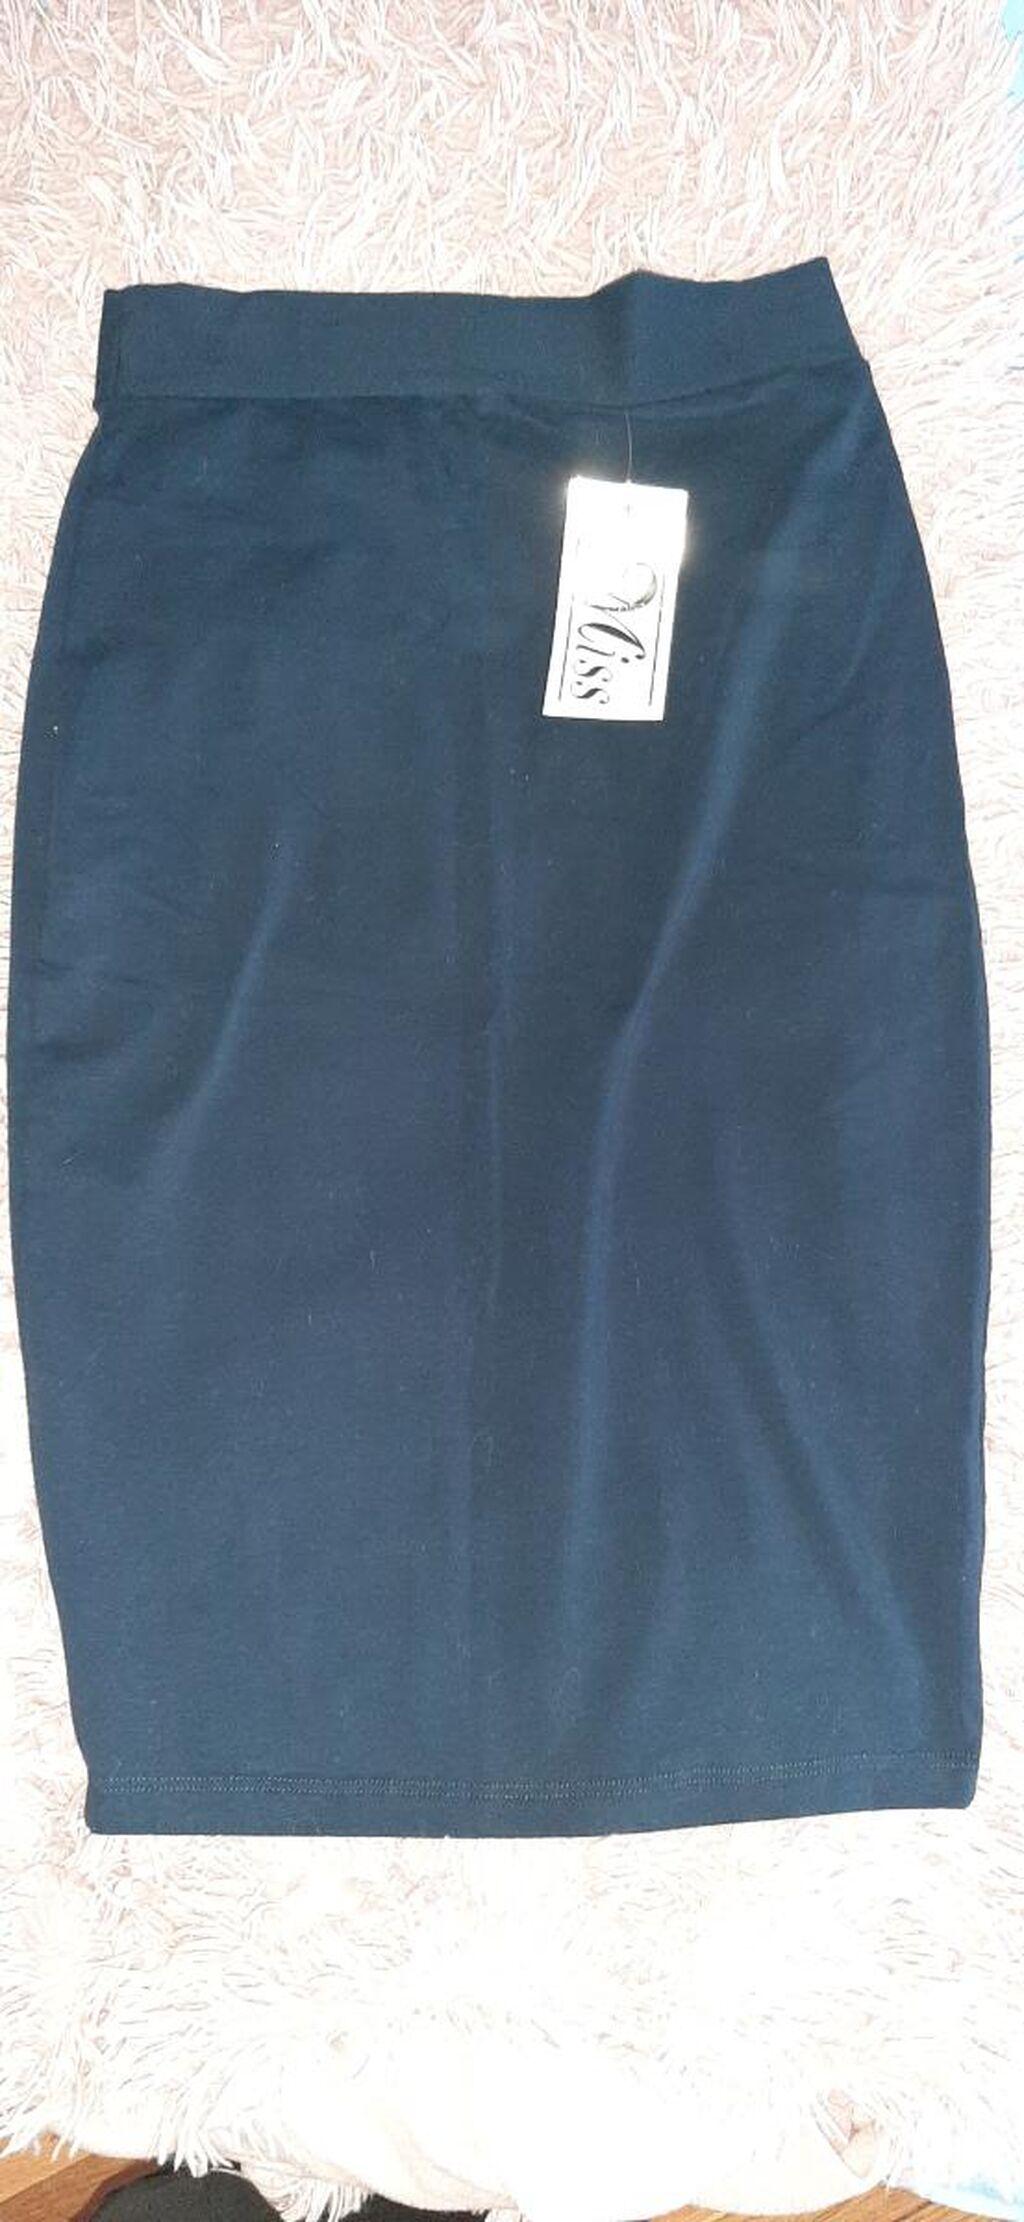 Nova pamucna suknja do kolena,uni velicina